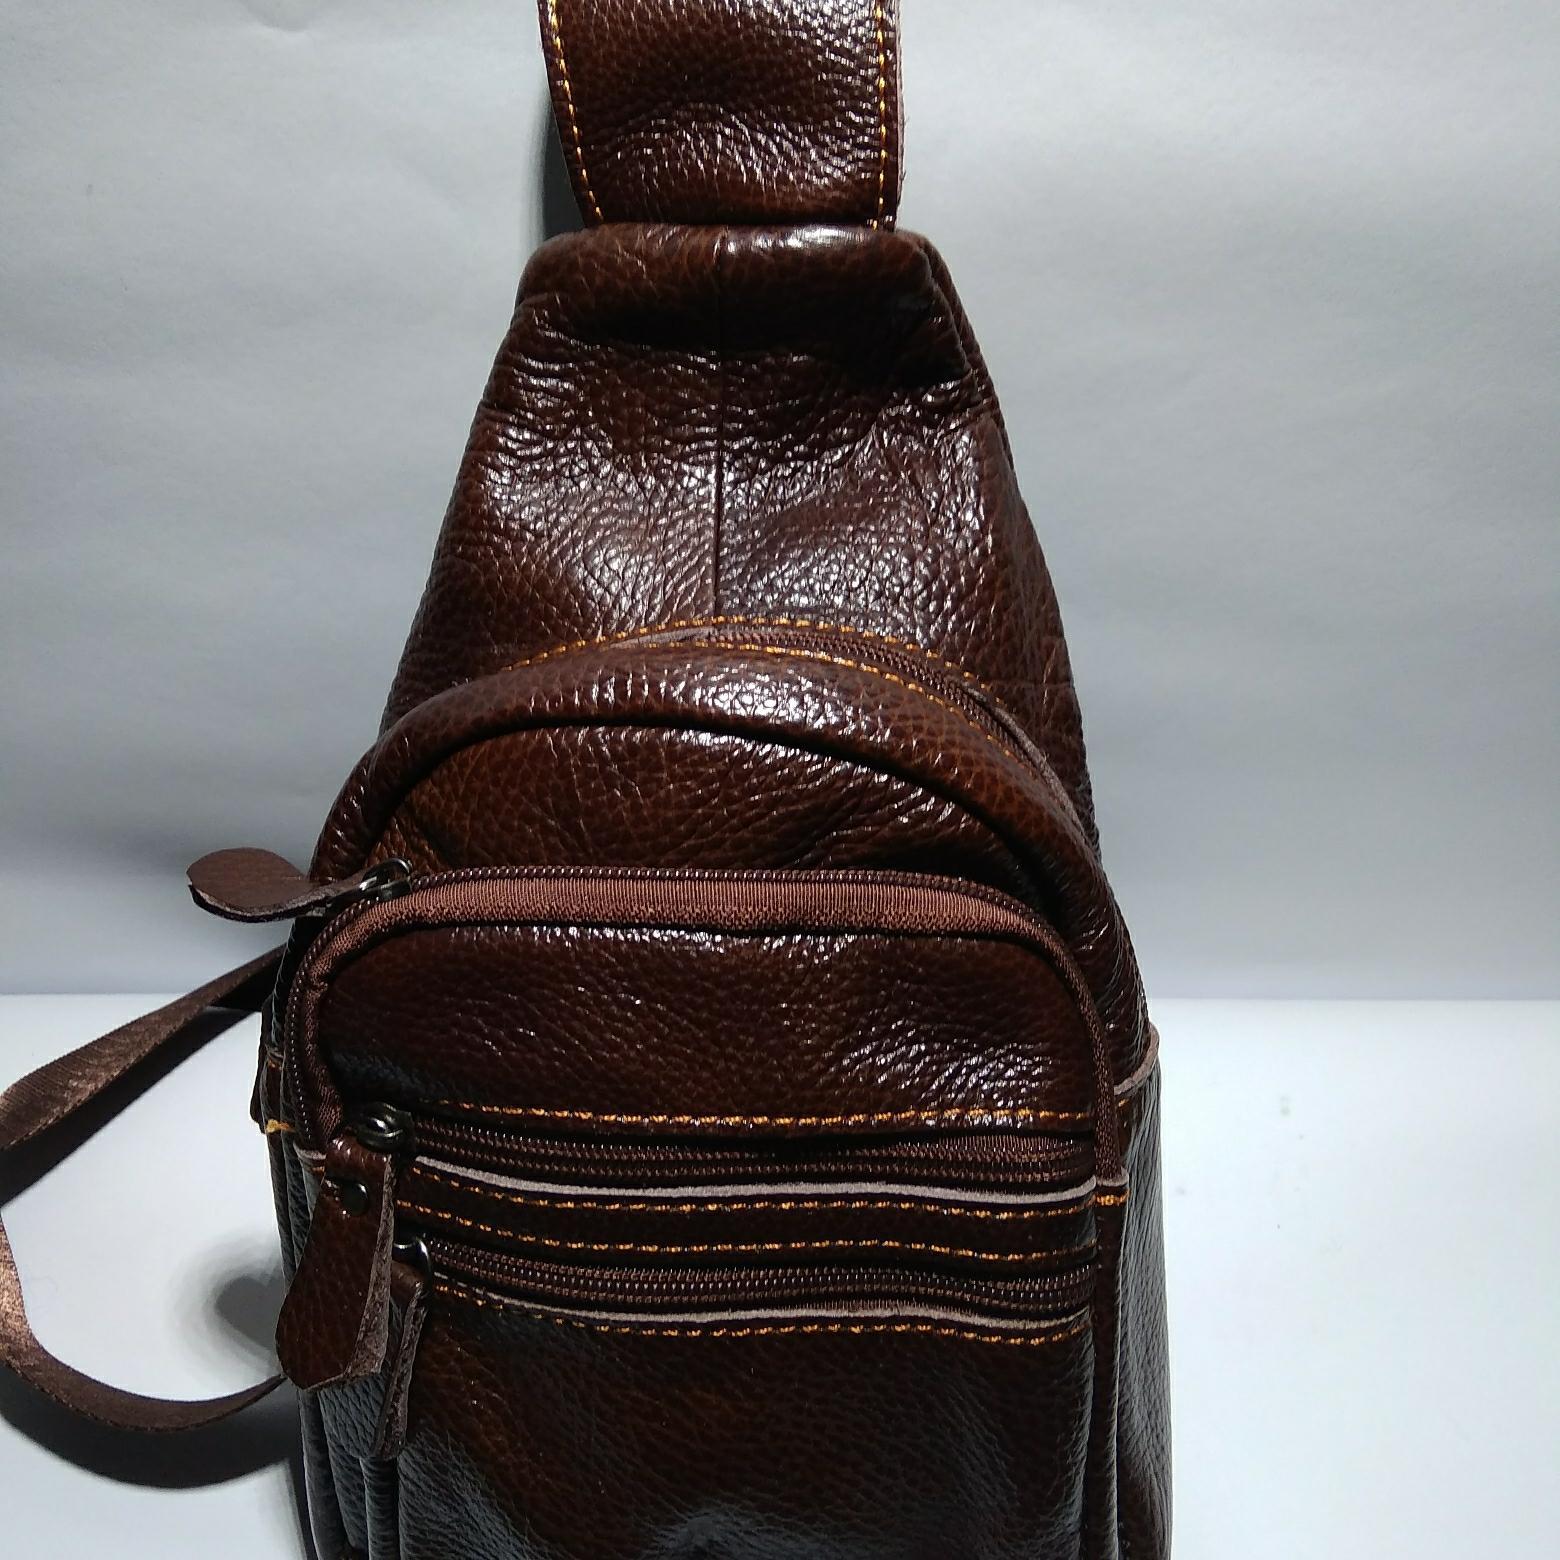 Detail Gambar Tas selempang pria/tas selempang kulit Terbaru